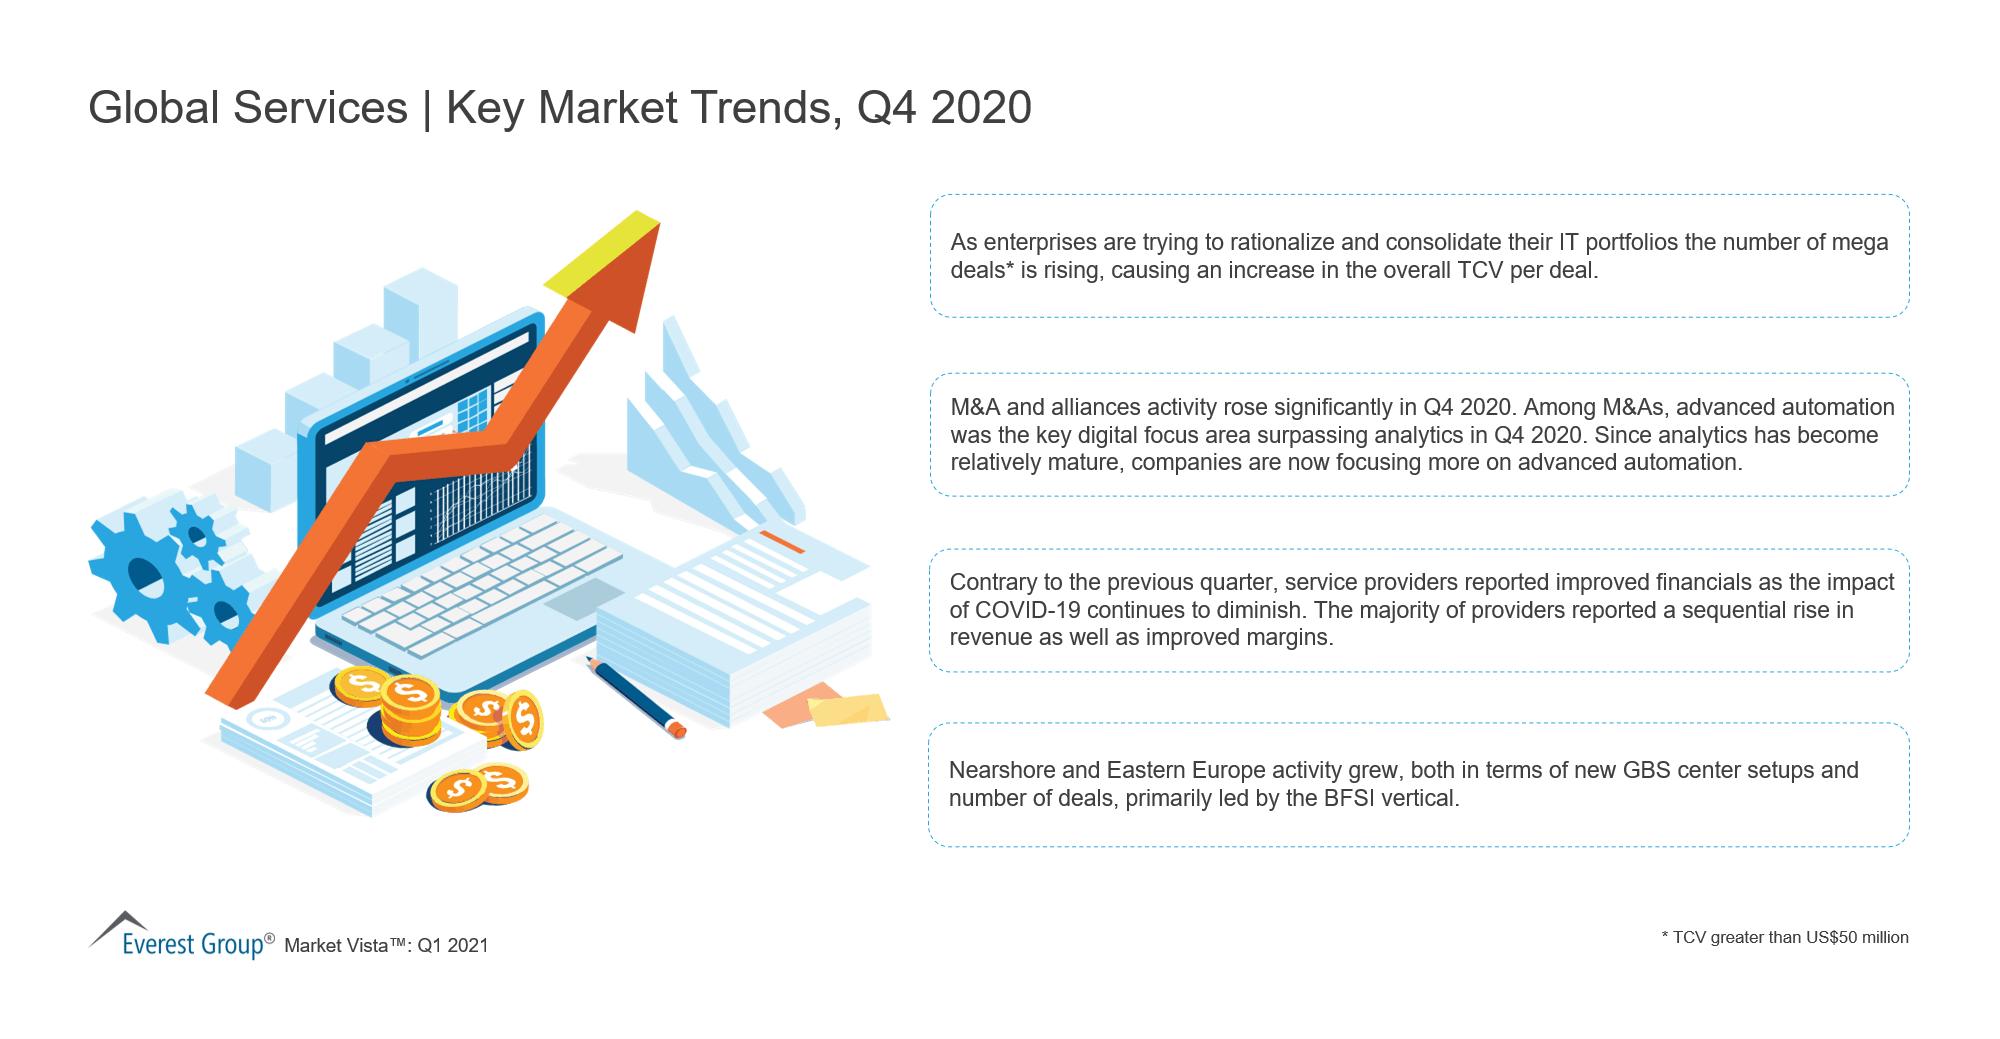 Market Vista Q1 2021